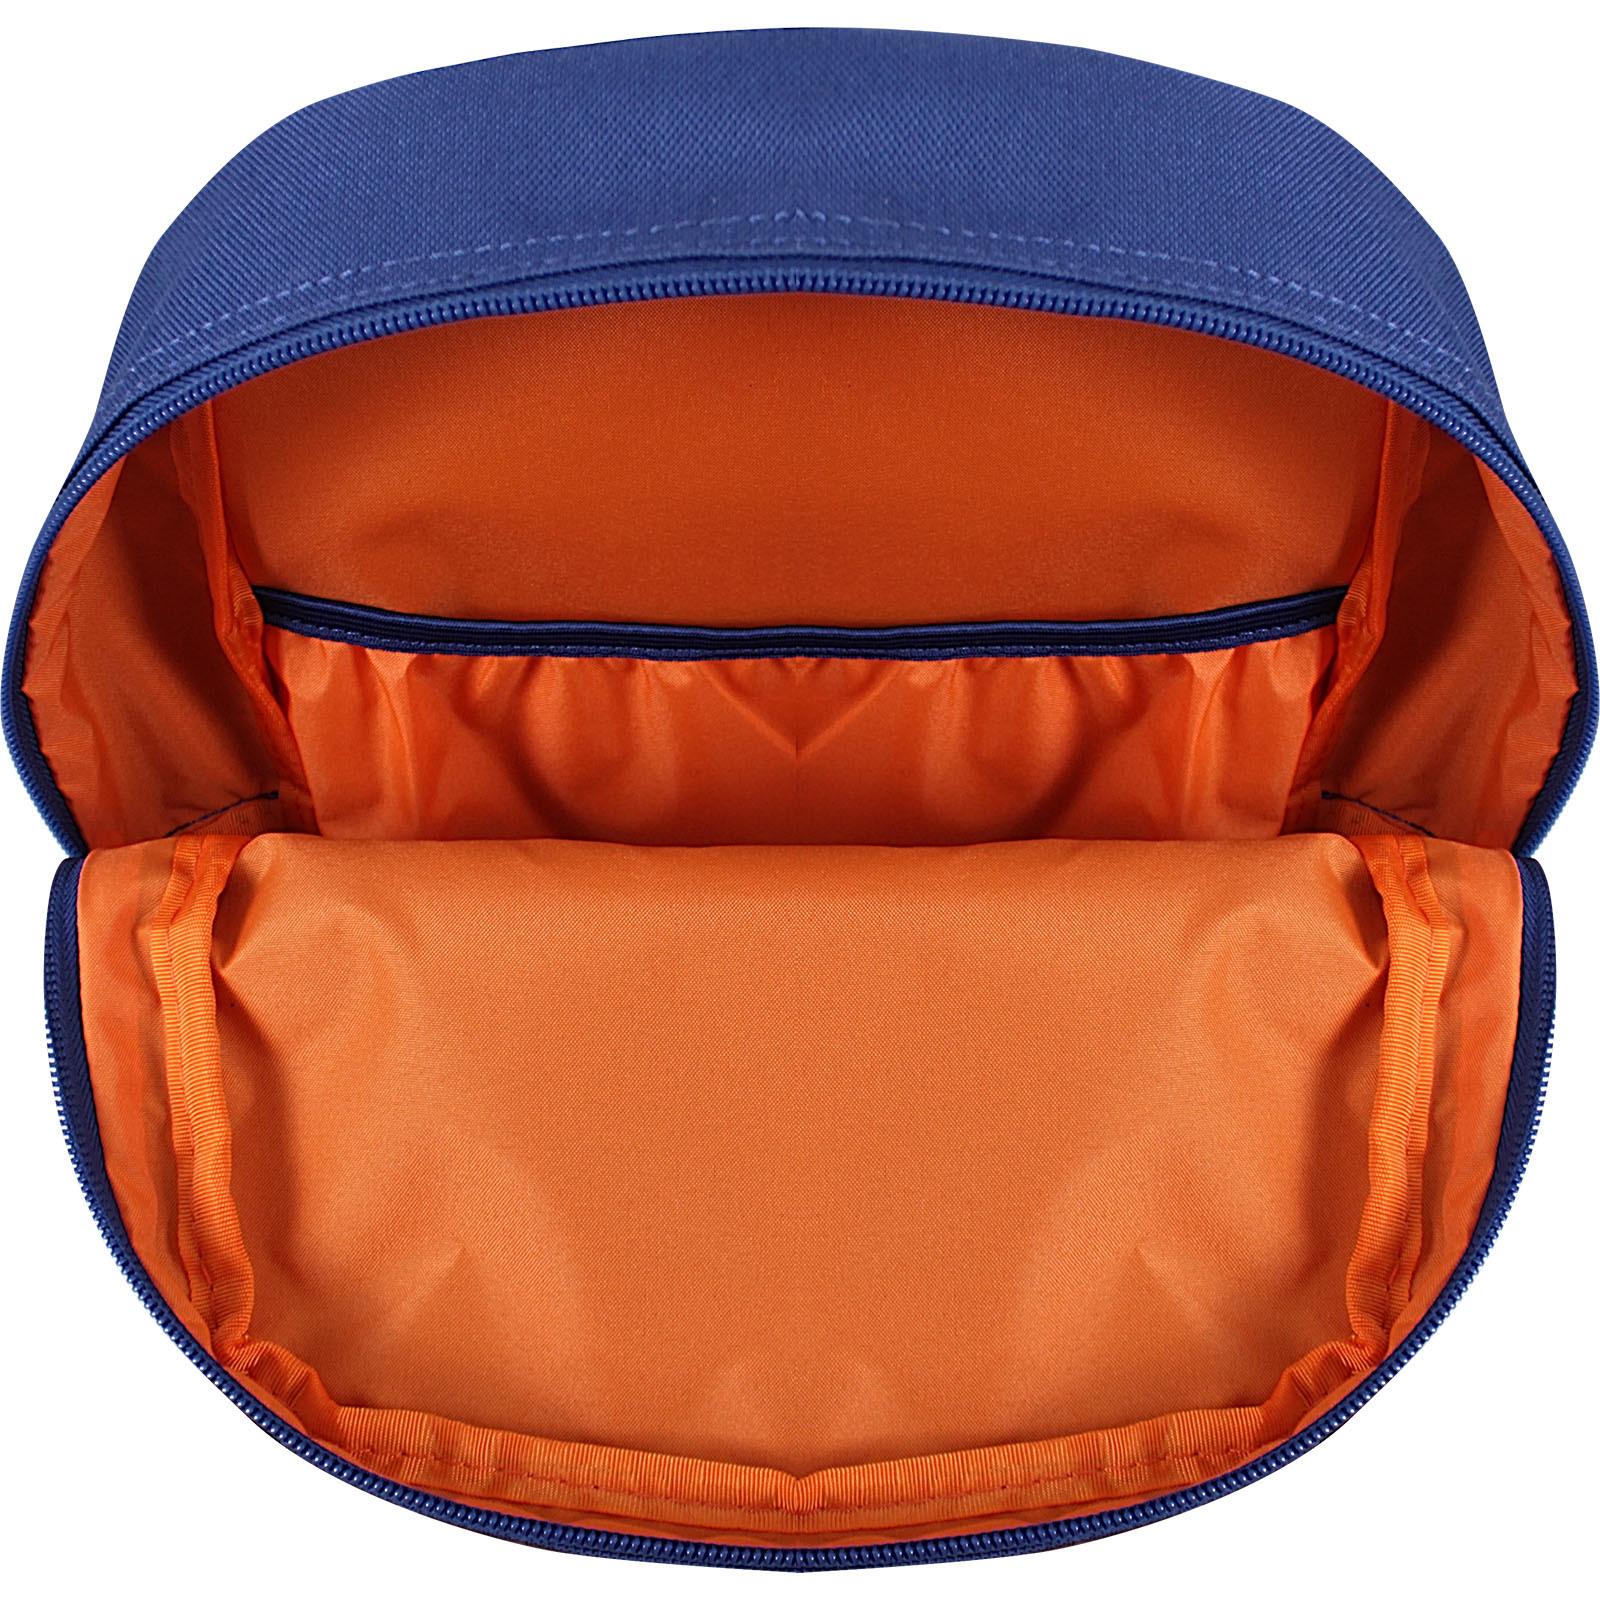 Рюкзак Bagland Молодежный mini 8 л. синий сублимация 742 (0050866) фото 4